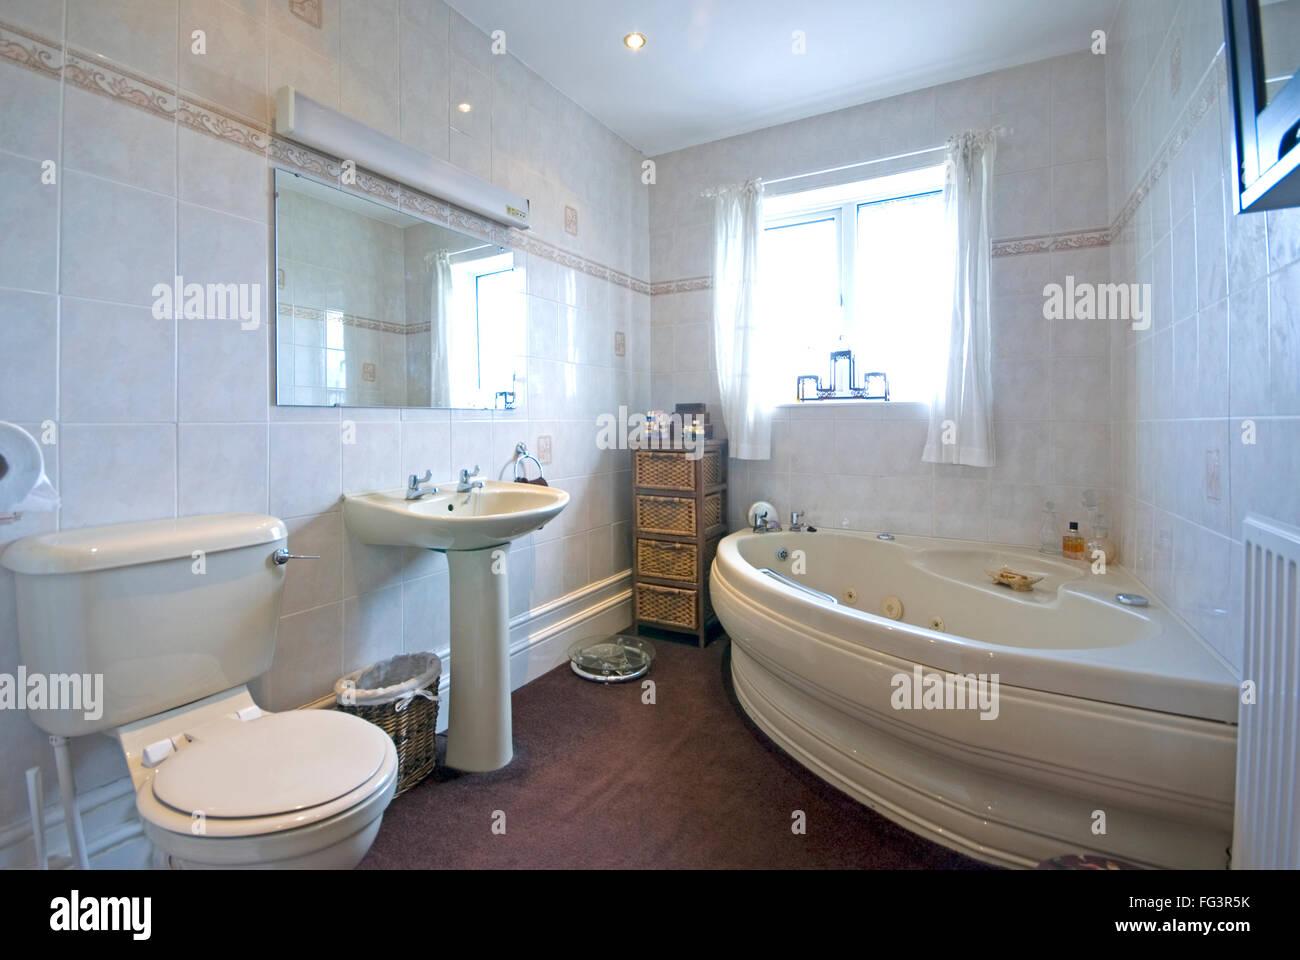 Familie Badezimmer mit weißen Fliesen und Eckbadewanne ...